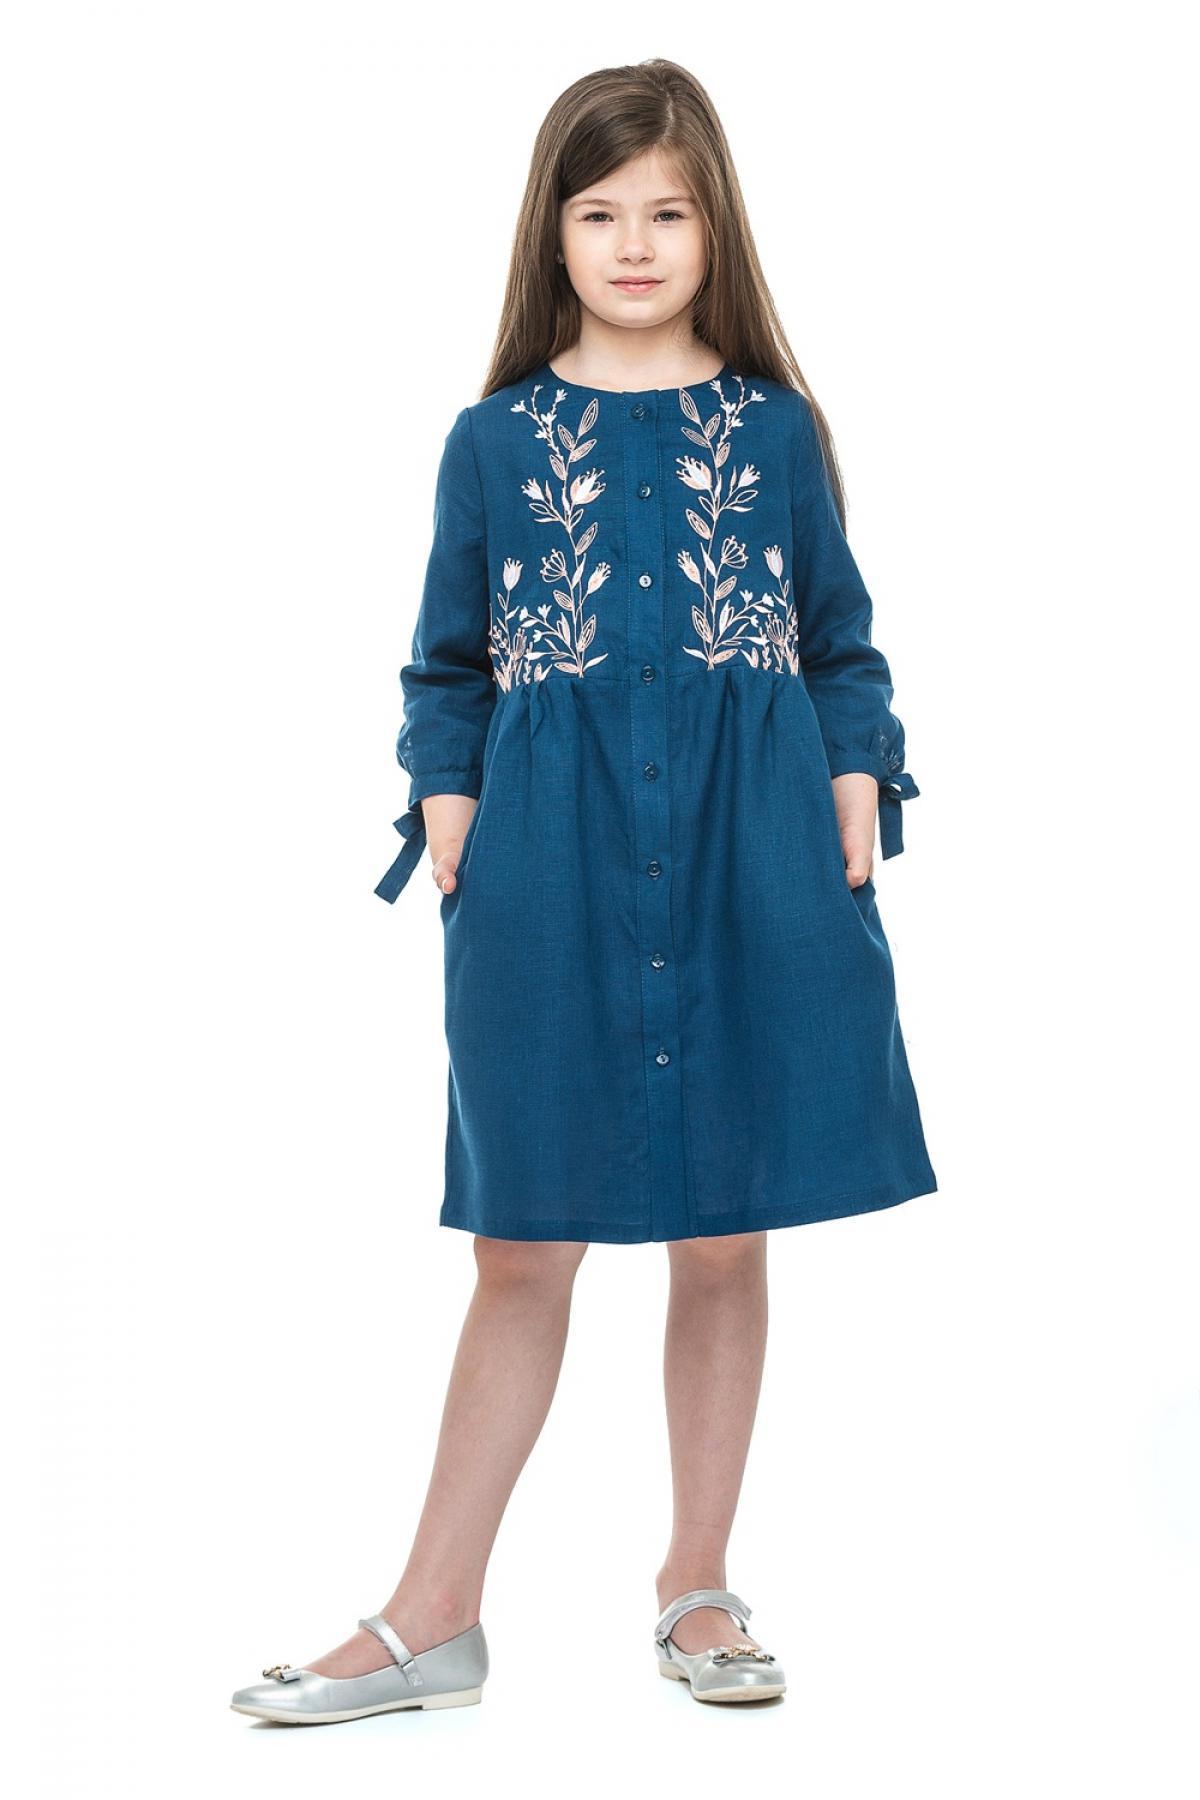 Детское синее льняное вышитое платье для девочки. Фото №1. | Народный дом Украина